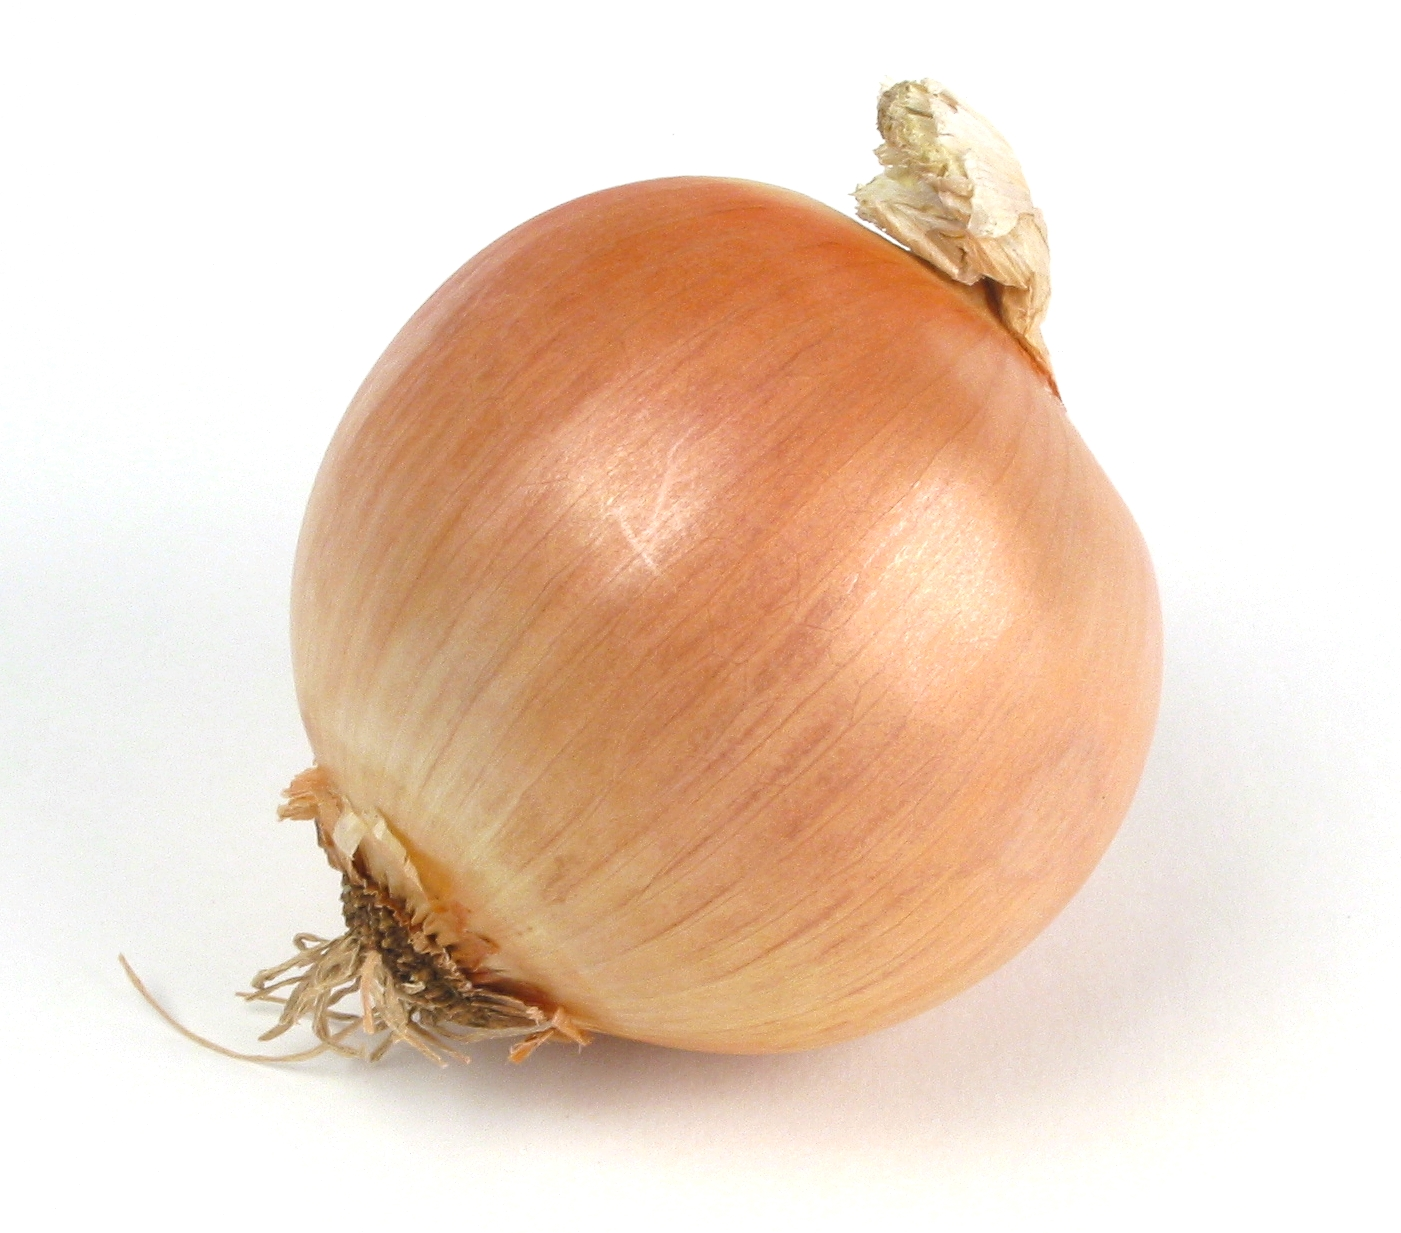 Dear Onion